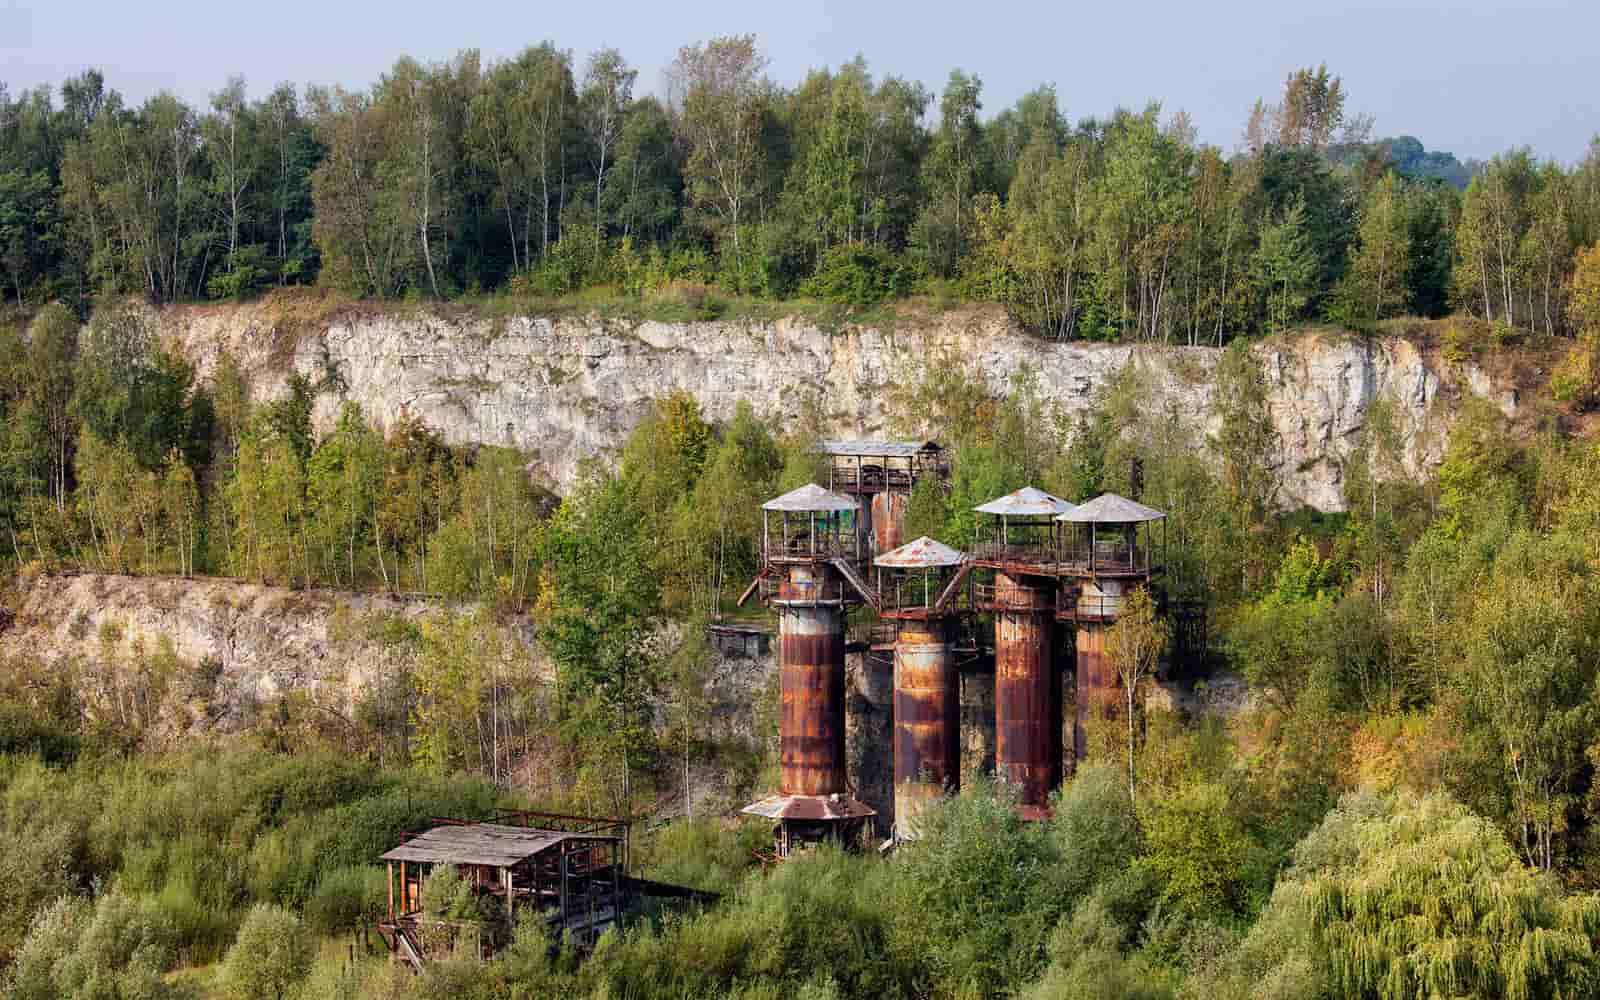 Bilden föreställer det övergivna arbetslägret i Krakow, som rekonstruerades speciellt för filmen Schindler's list.